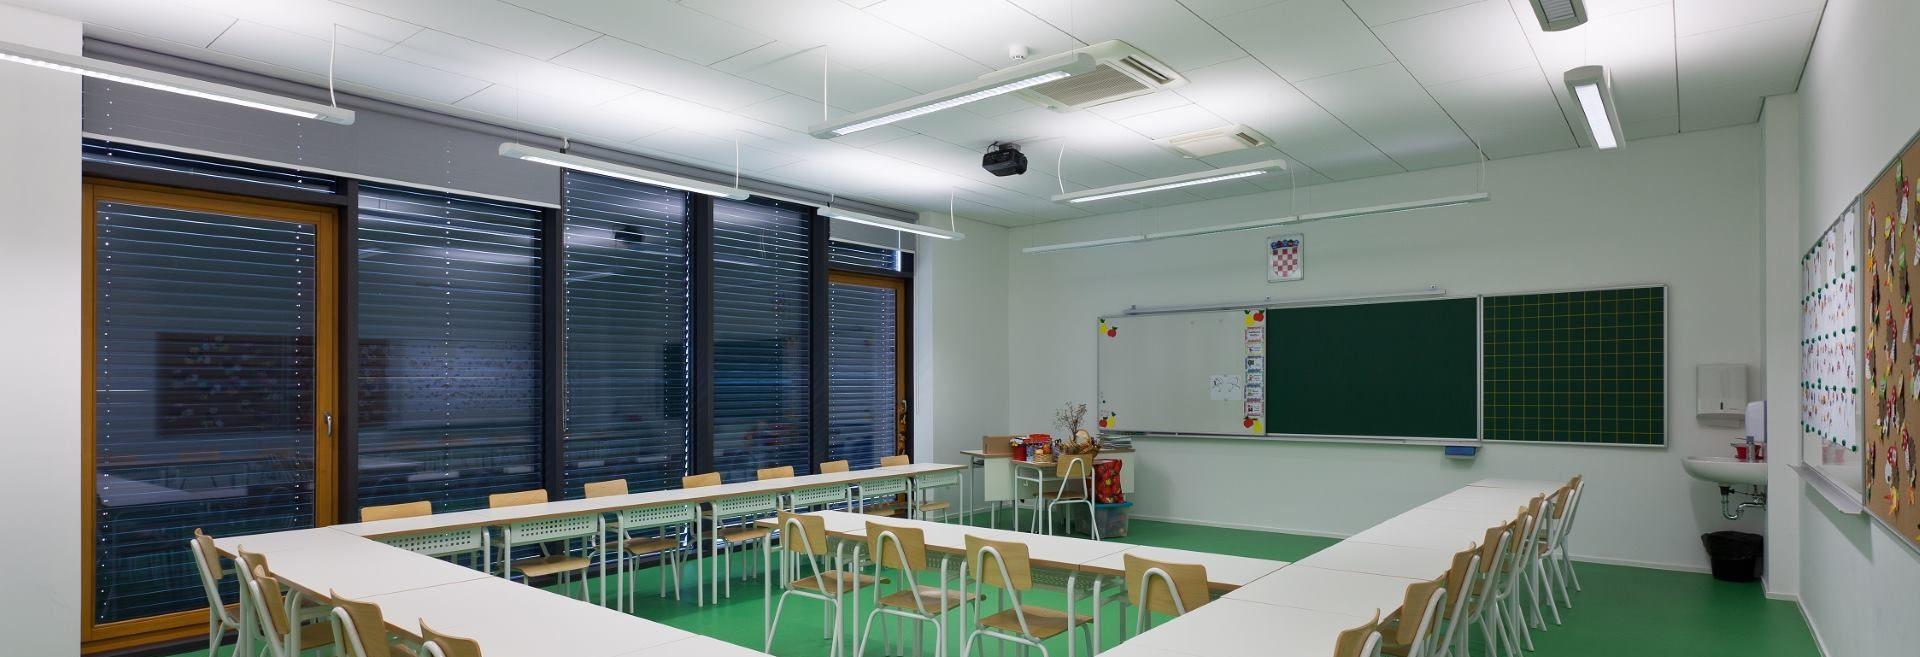 FOTO: Nepravilna rasvjeta uzrok nošenja naočala i manjka koncentracije pri učenju